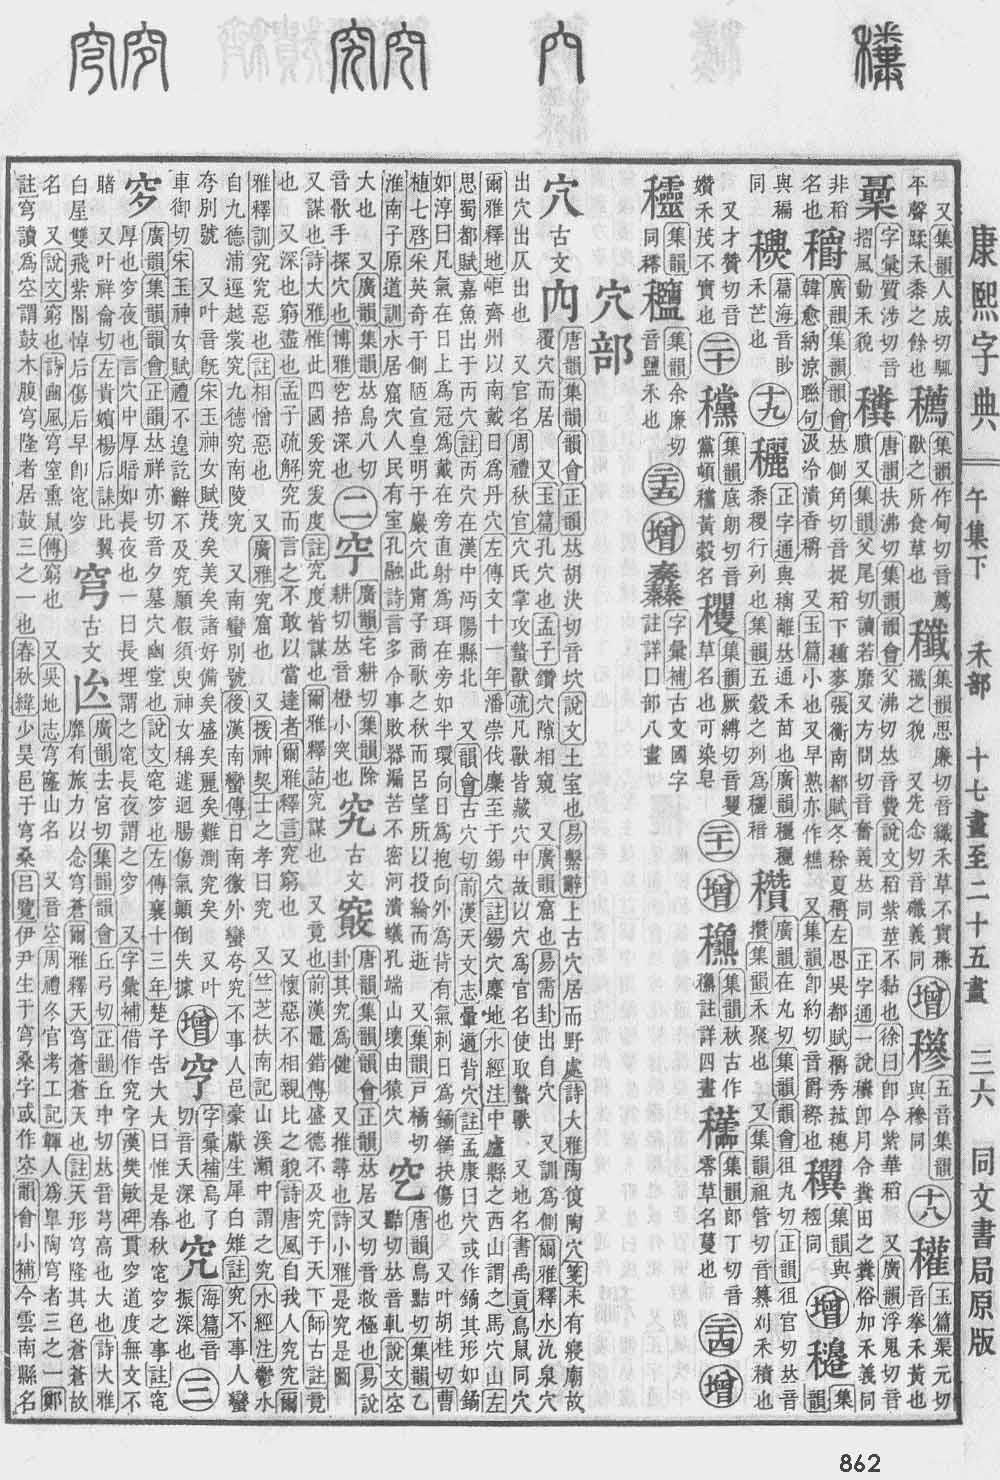 《康熙字典》第862页